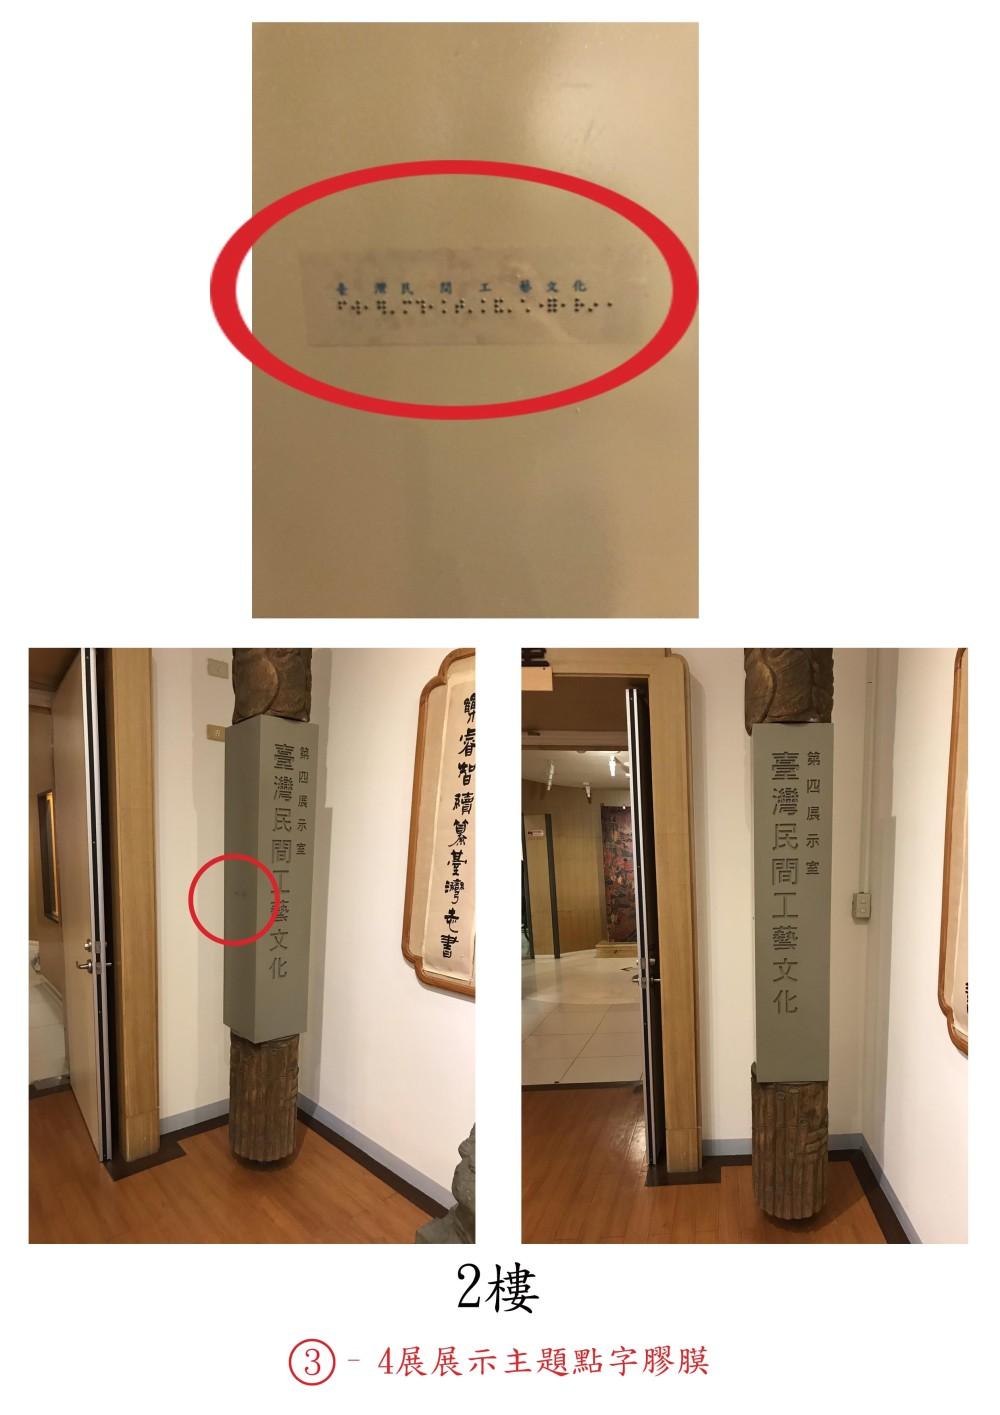 點字膠膜位置示意圖